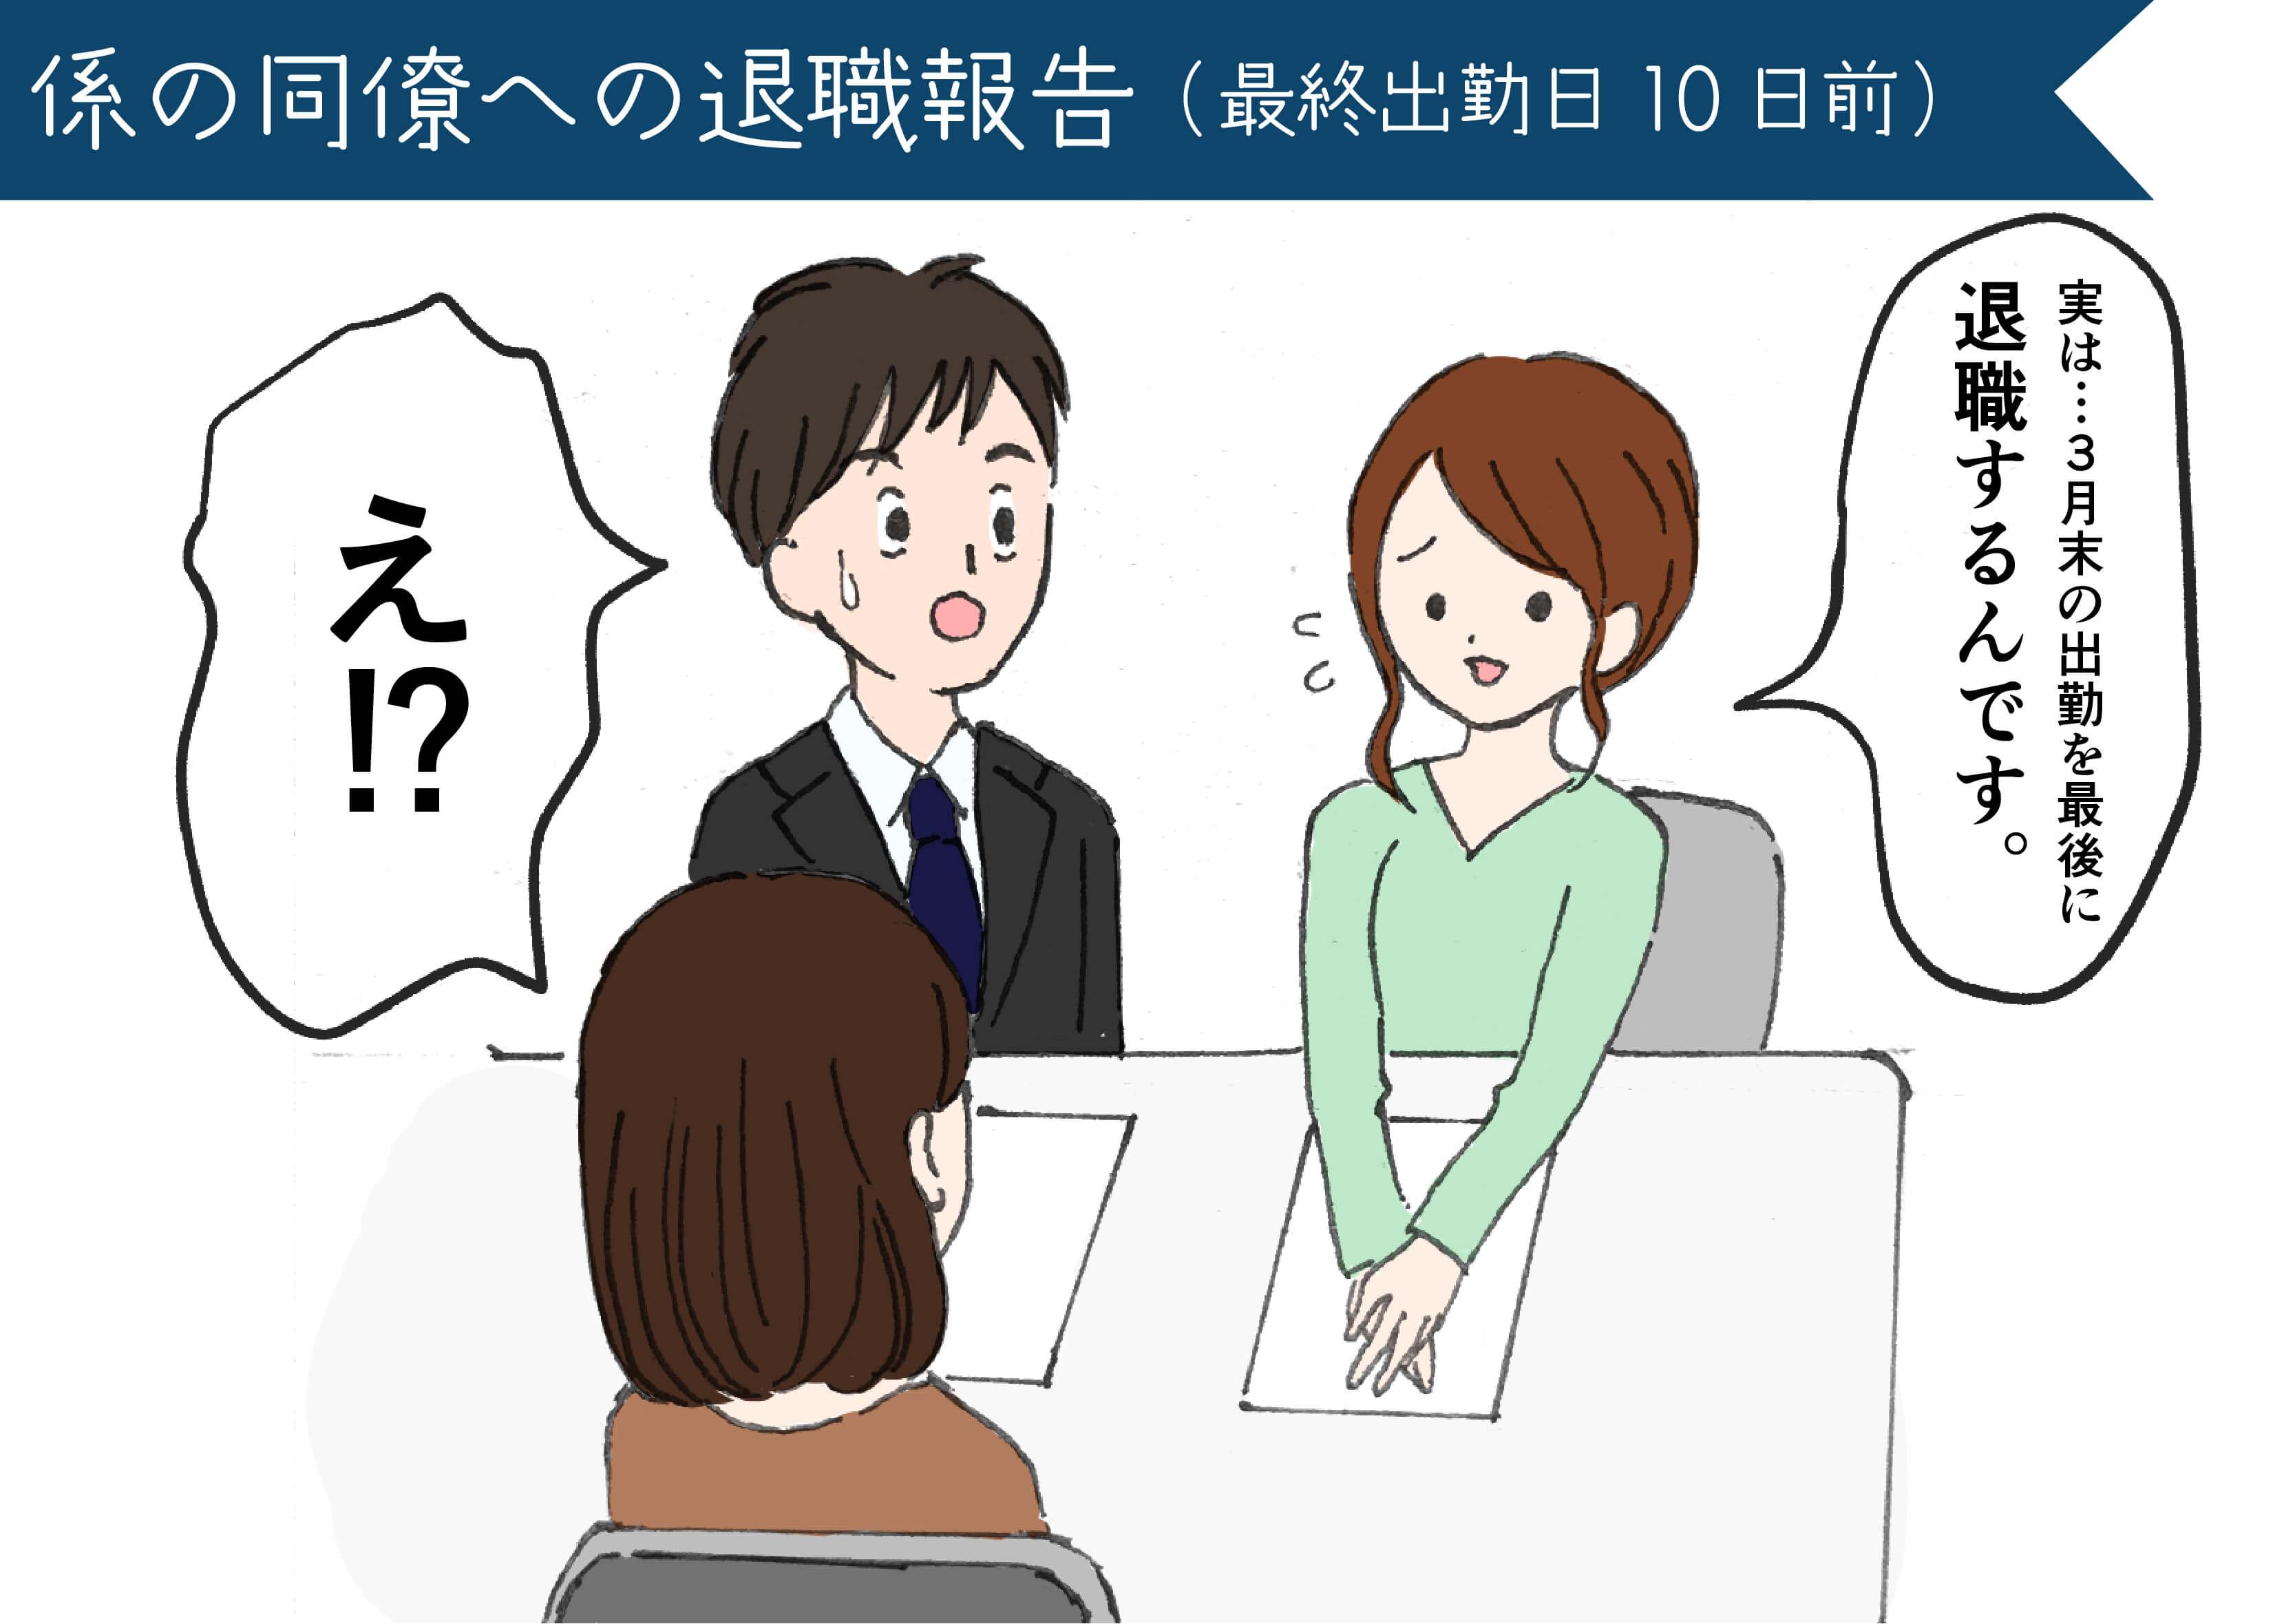 公務員の退職 同僚への報告イラスト